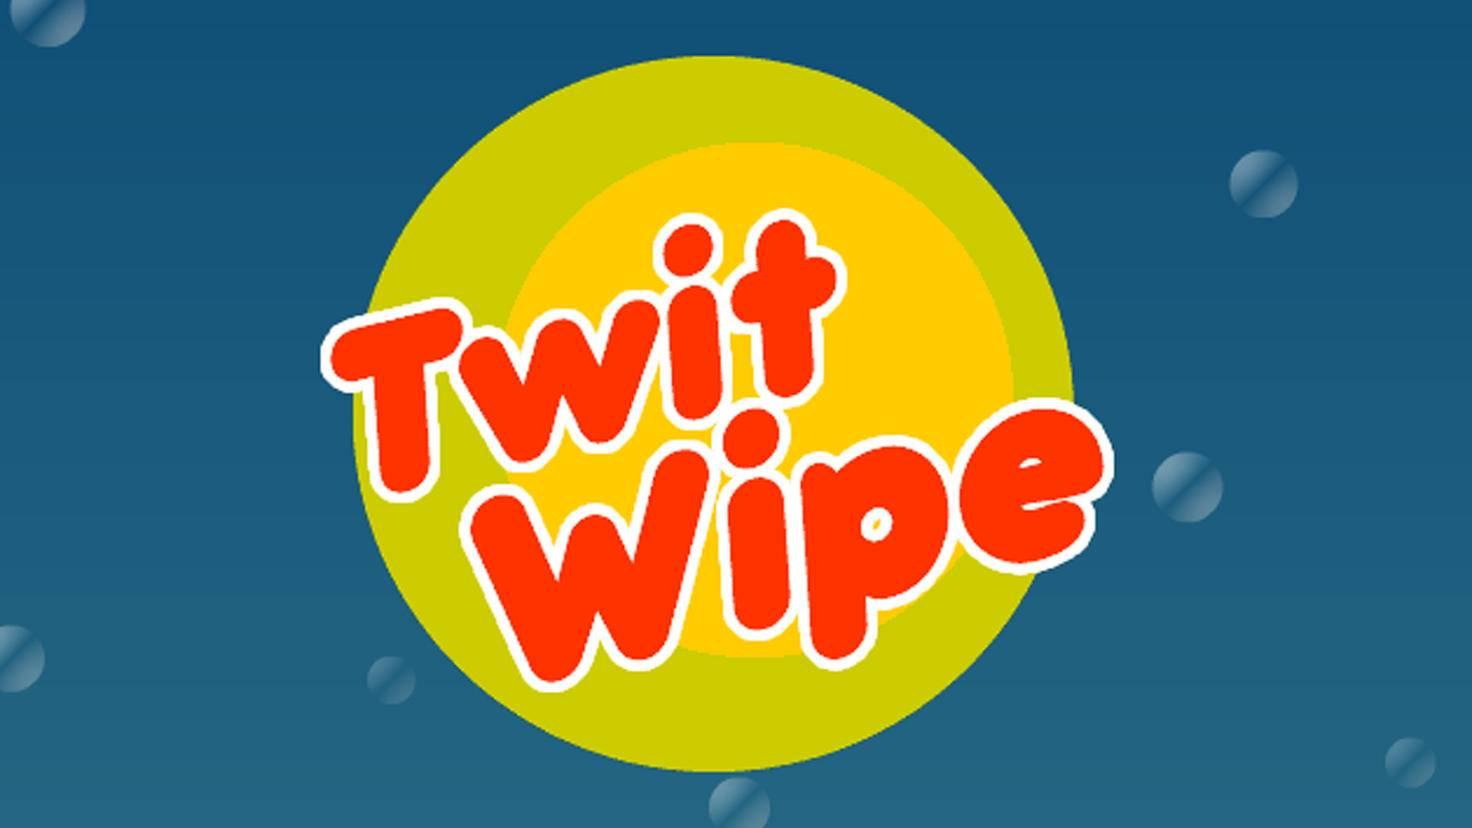 Mit TwitWipe kannst Du schnell alle Tweets löschen.